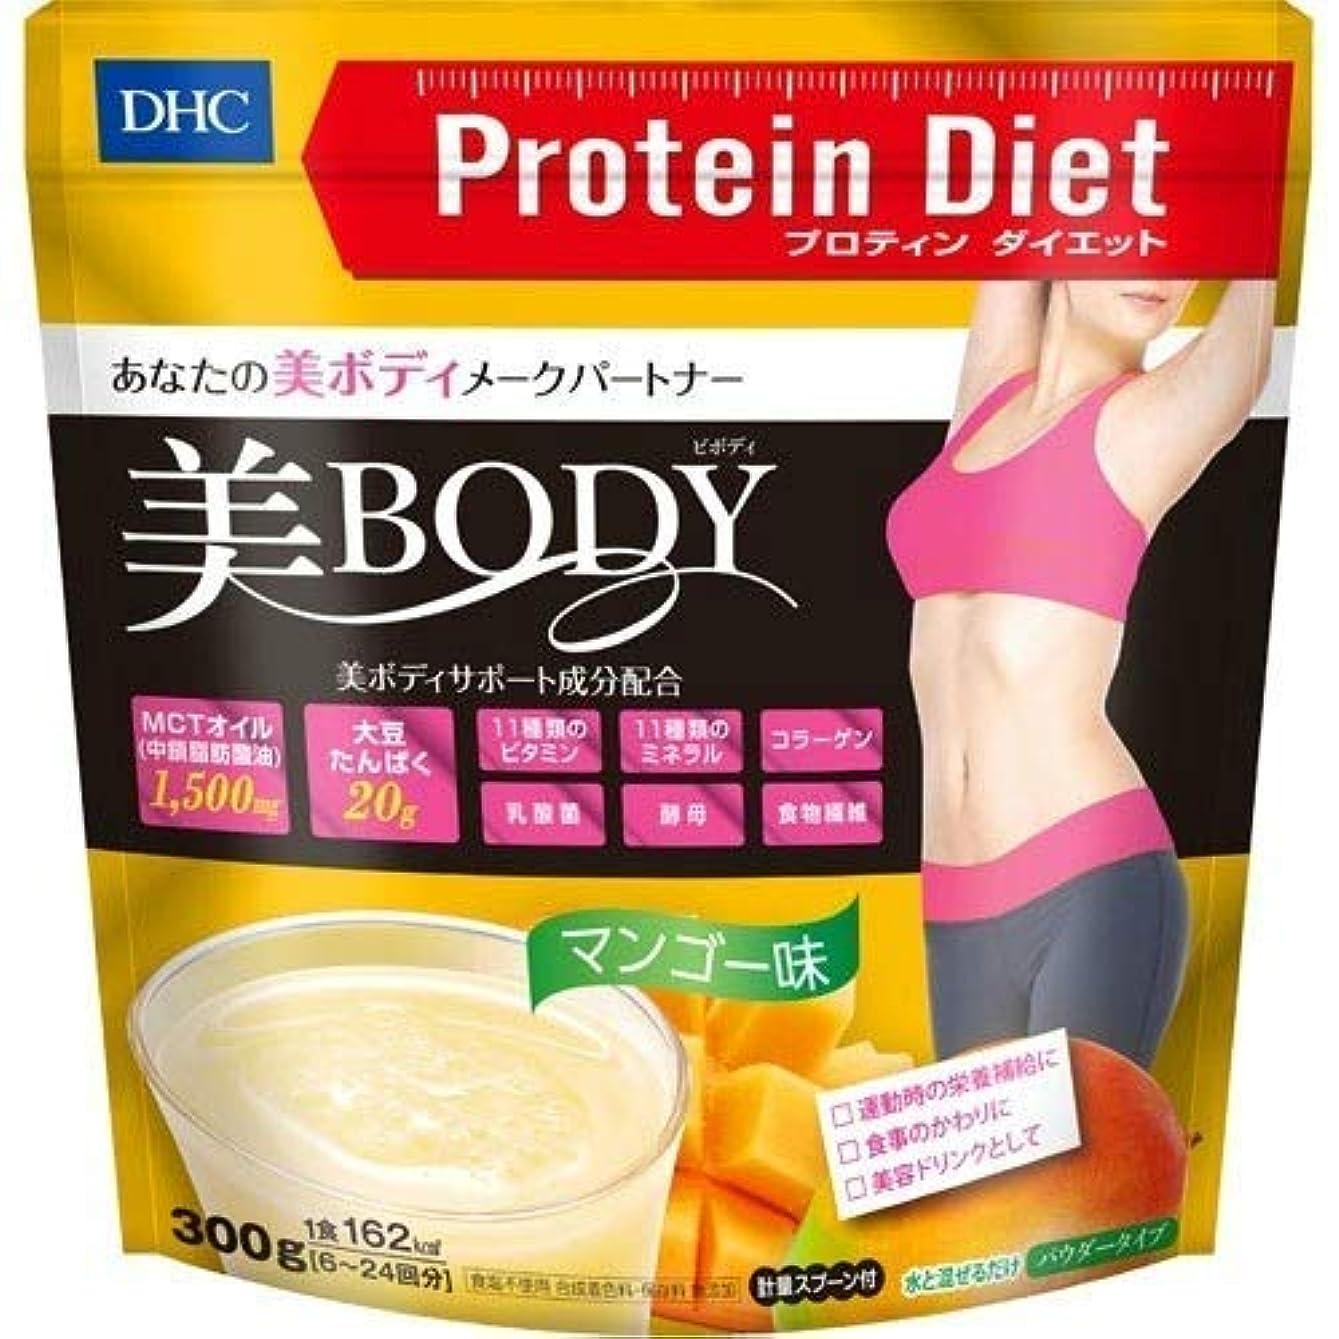 肥満有利爆発DHC プロテインダイエット 美Body マンゴー味 300g × 5個セット